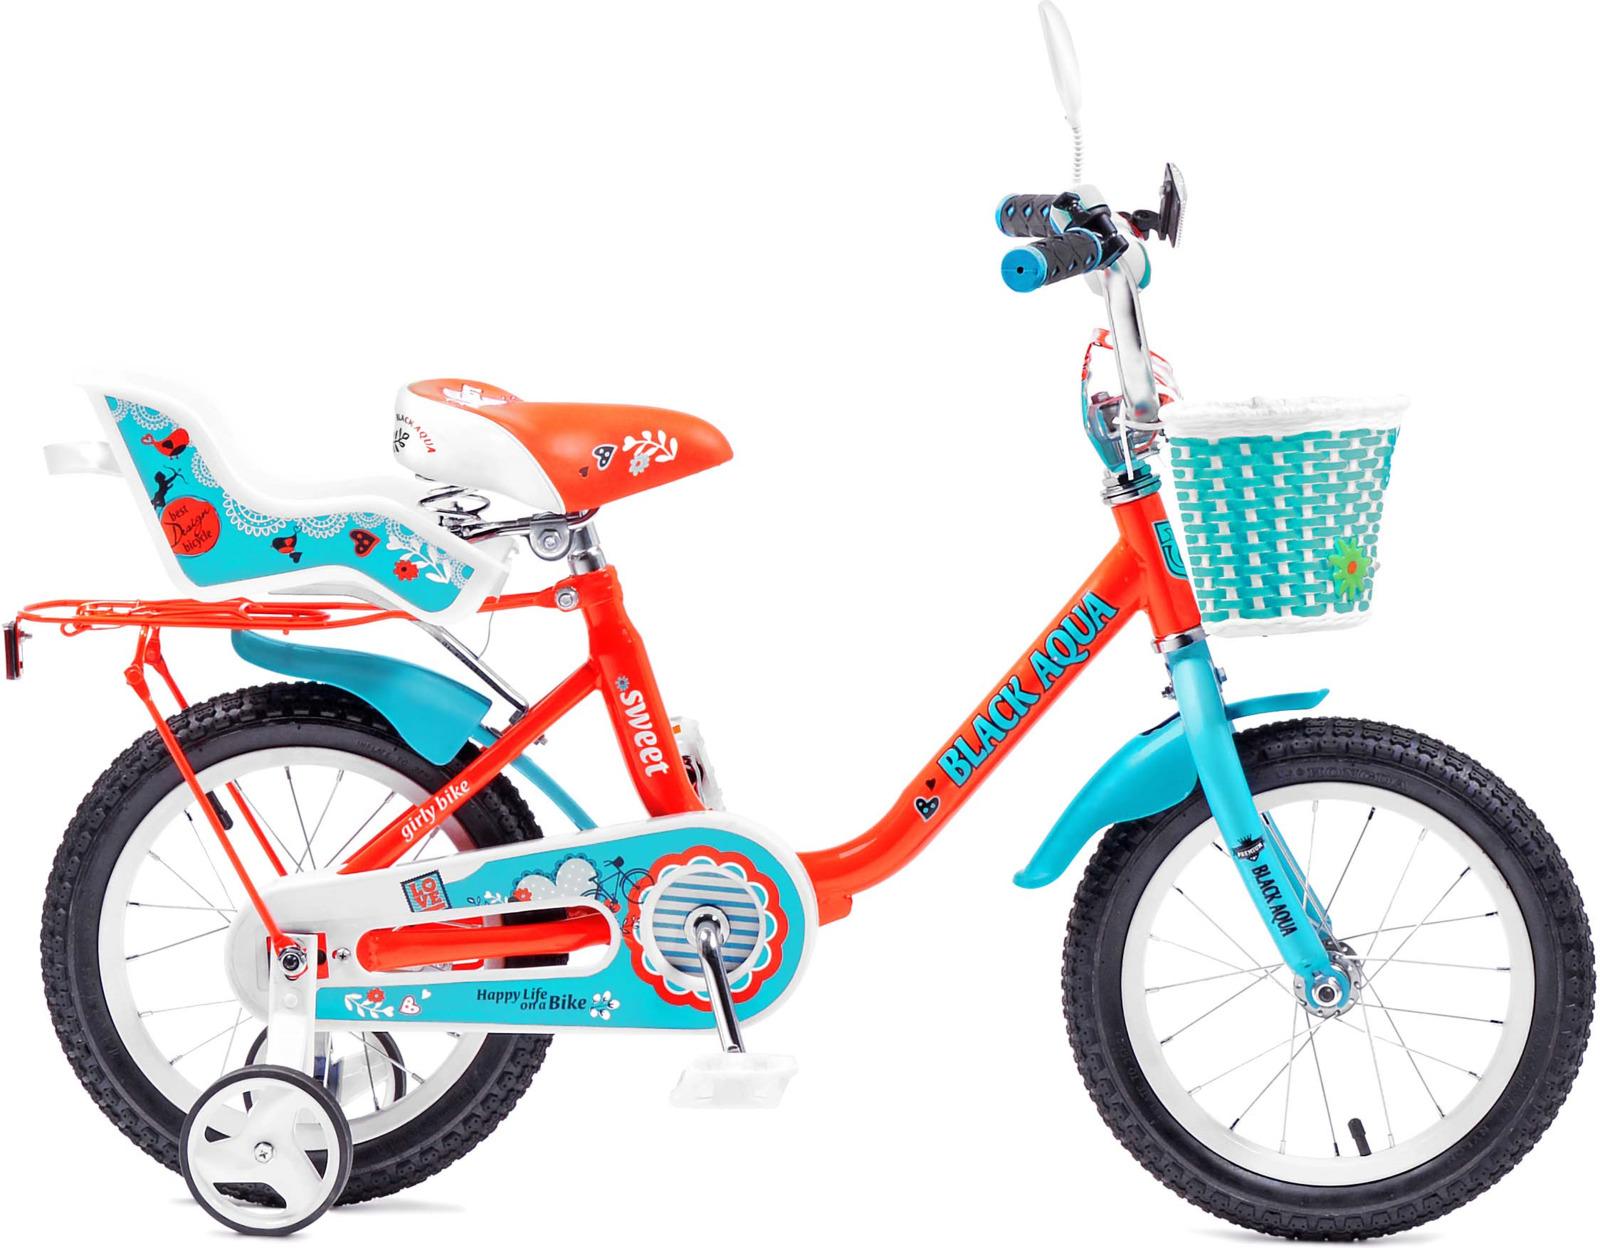 Велосипед детский Black Aqua Sweet, KG1403, со светящимися колесами, колесо 14, алый, бирюзовыйKG1403Стильный велосипед для девочек, с прочной стальной рамой, колесами размером 14 дюймов. В комплектацию входит: звонок, крылья, корзинка на руле. На моделях с колесами 12 и 14 короткие крылья и кресло для куклы. Велосипед оснащен боковыми колесам для устойчивого положения велосипеда. Установлена защита цепи, что бы ребенок при движении не травмировал ногу. Рекомендуем!